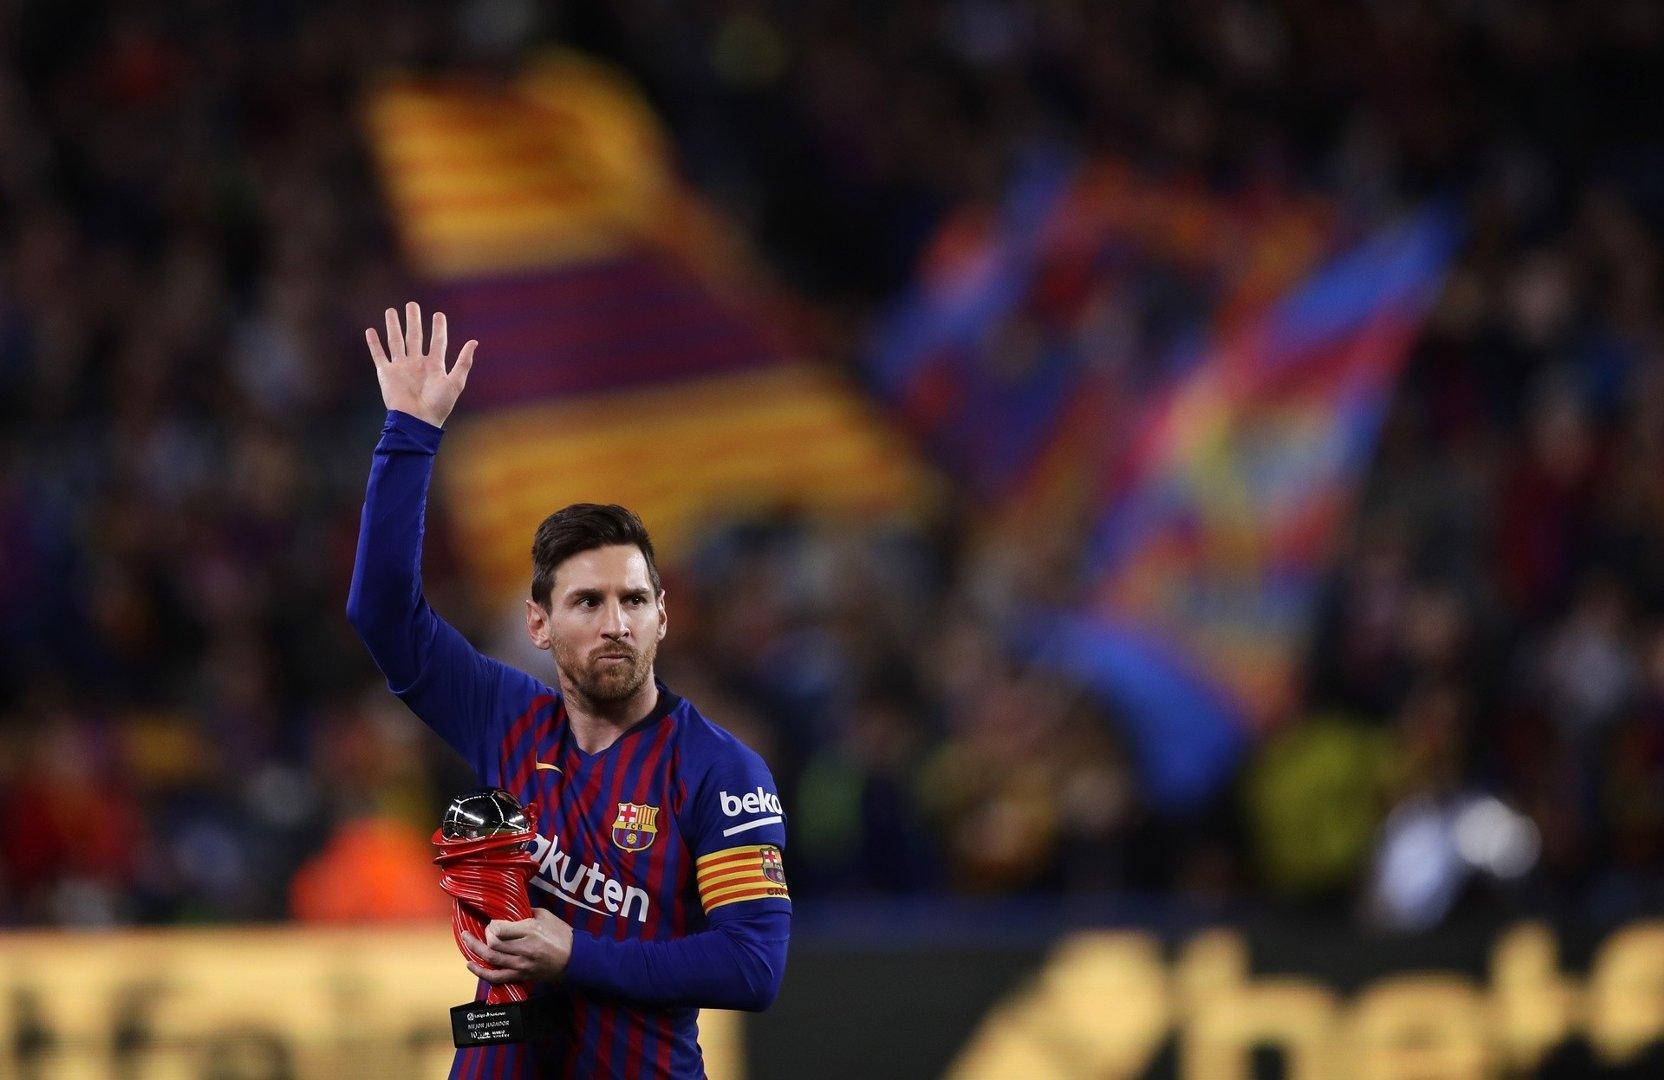 433236162 Mecz Manchester United - FC Barcelona ONLINE. Gdzie oglądać w ...